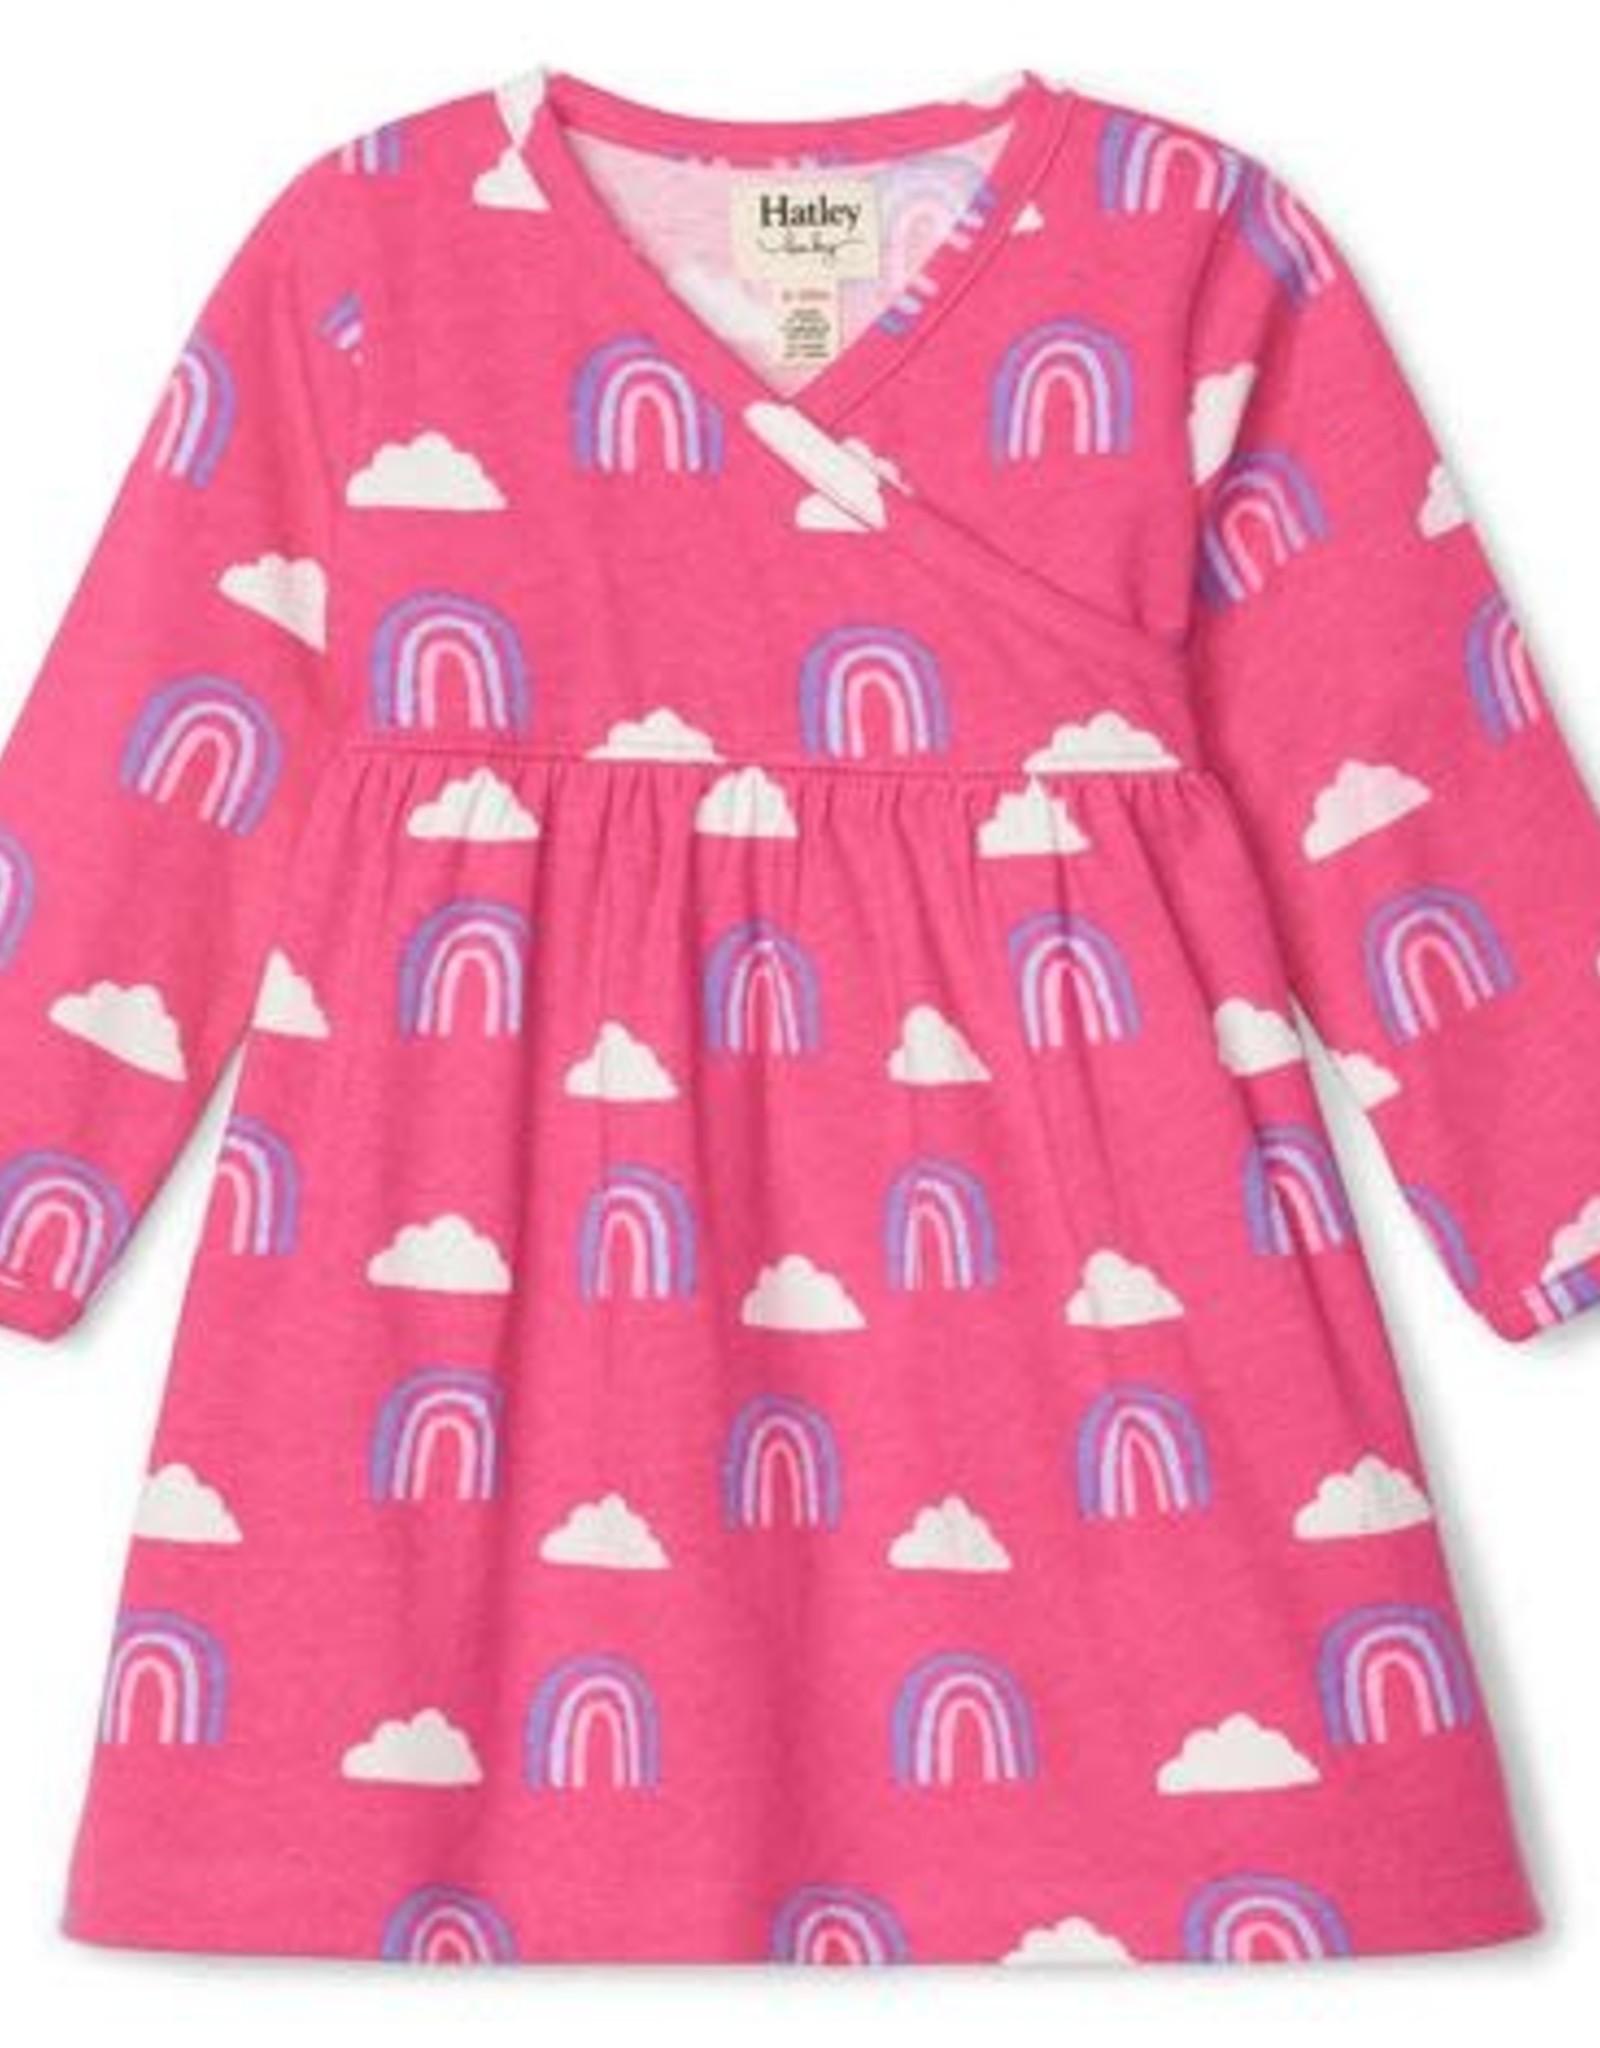 Hatley Happy Rainbows Baby Crossover Dress